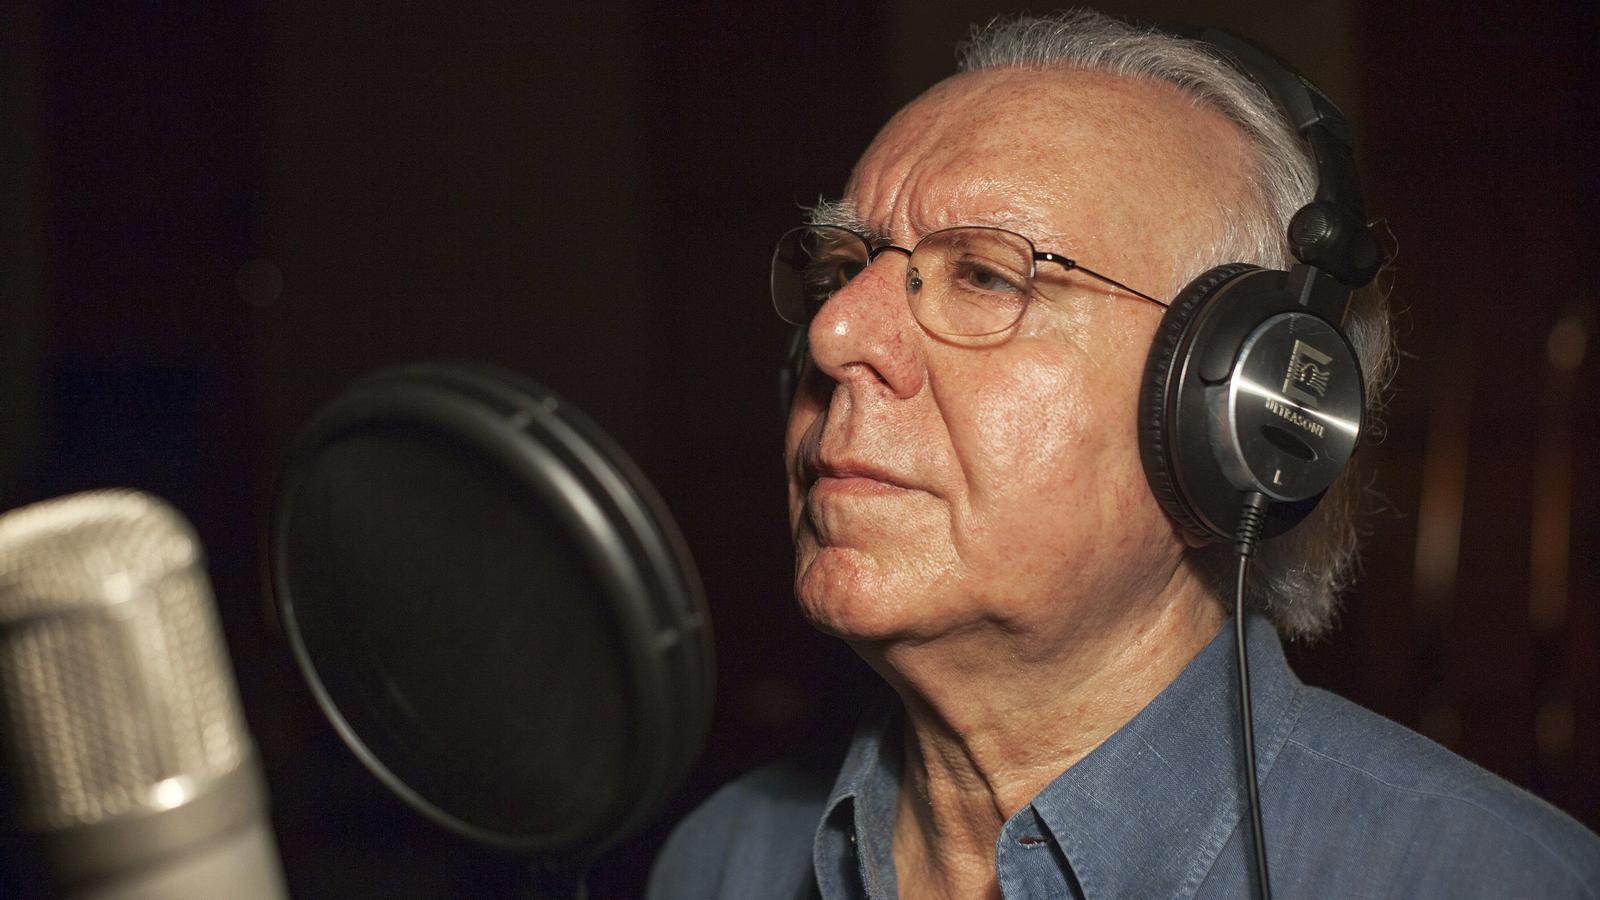 Mor el fadista Carlos do Carmo als 81 anys